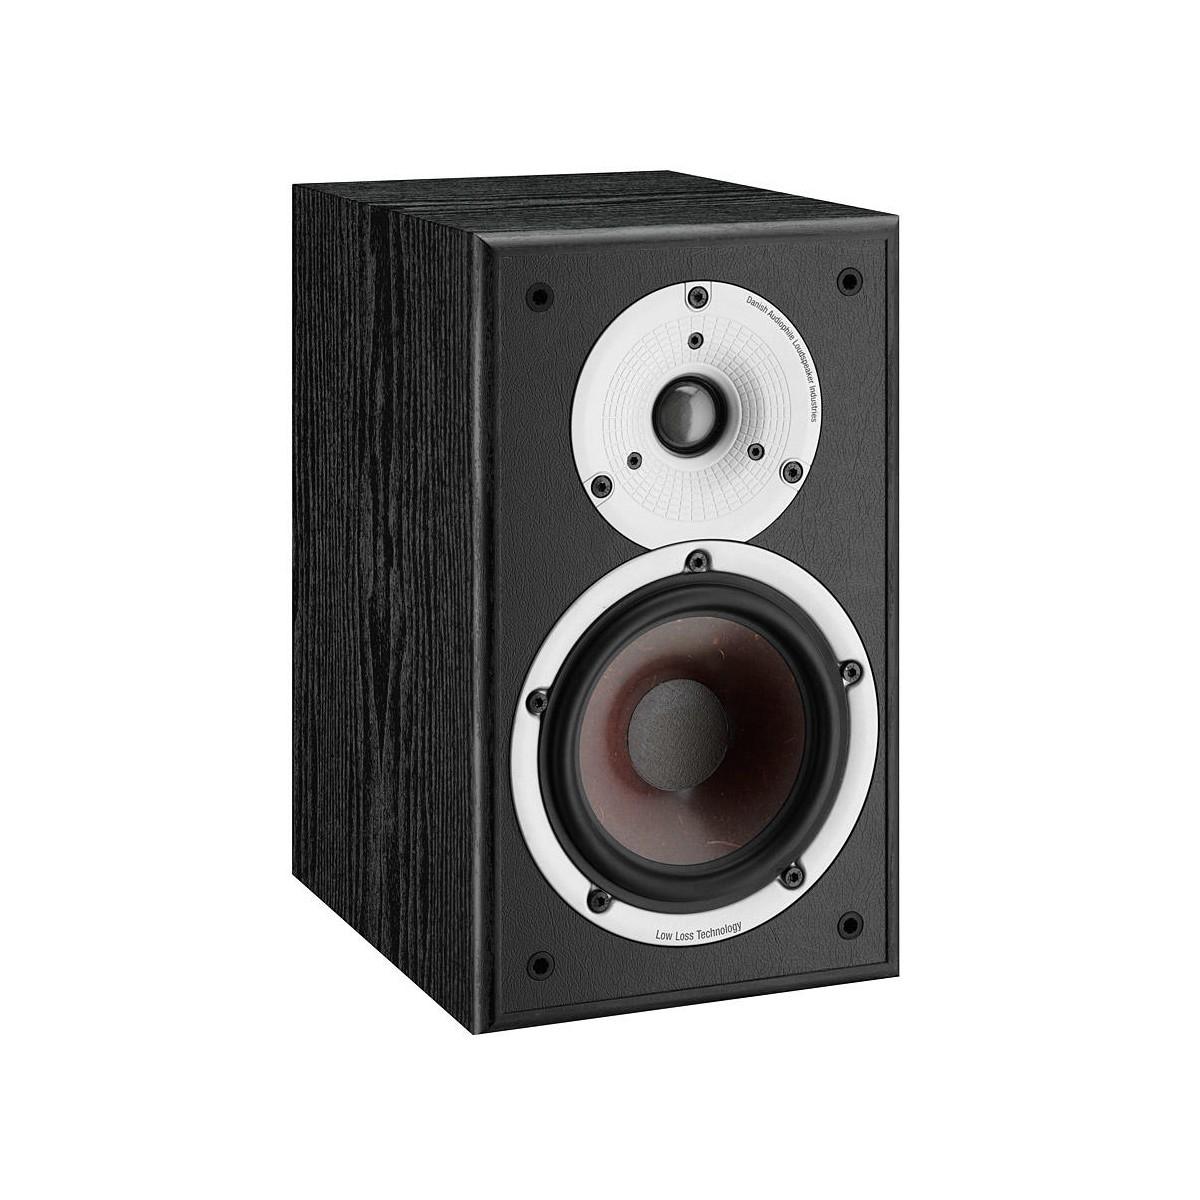 Állványra / polcra helyezhető hangsugárzó SPEKTOR 2